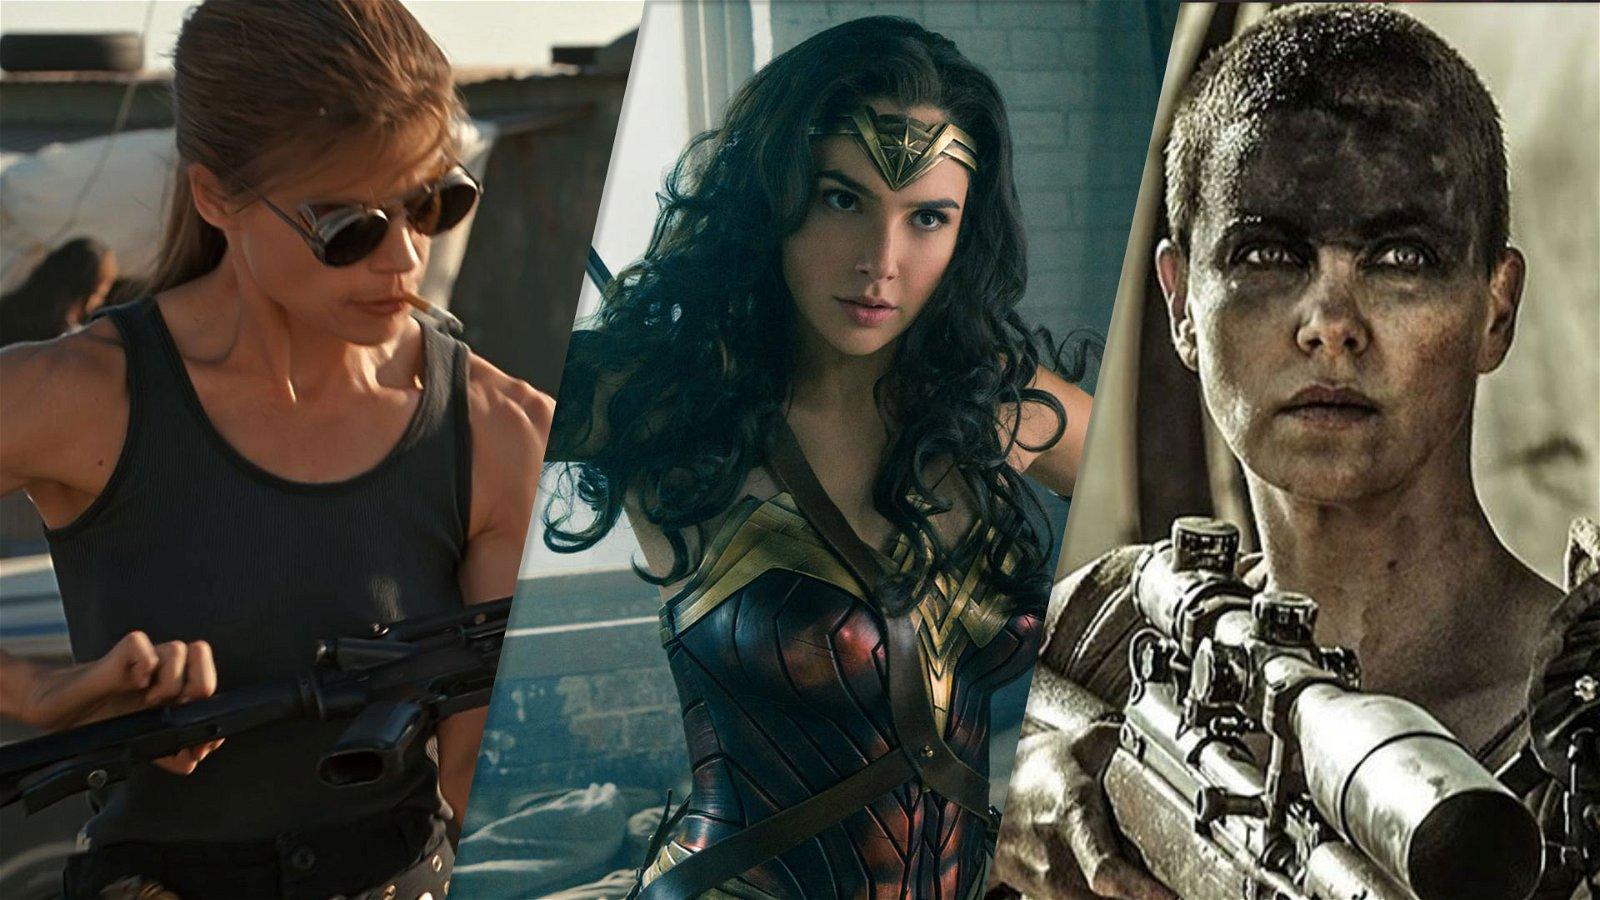 The Top Ten Action Movie Heroines 12